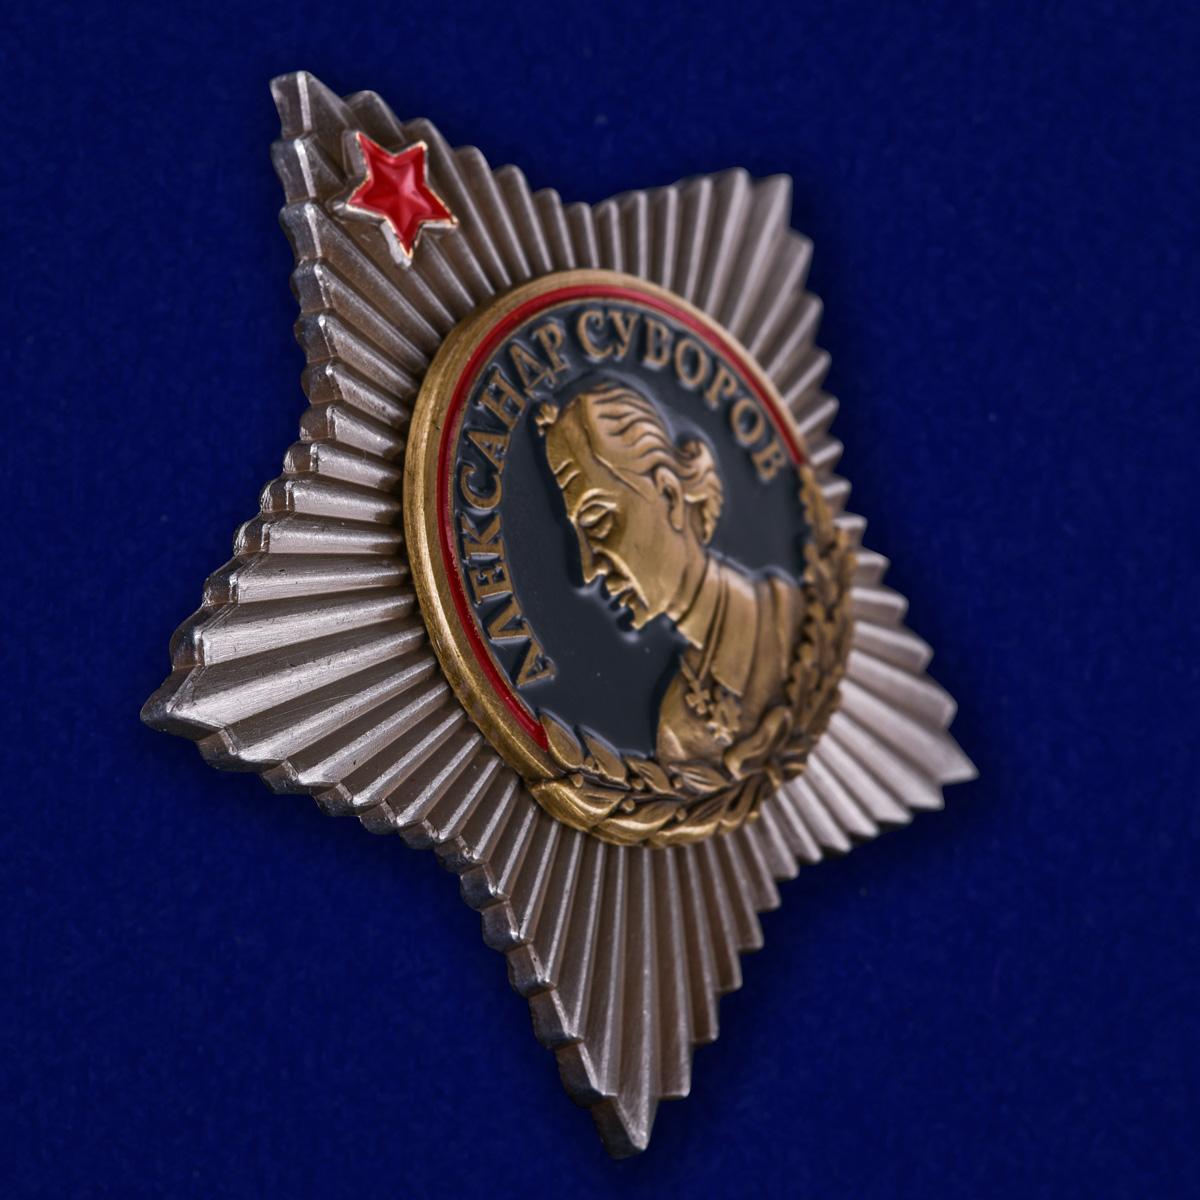 Муляж ордена Суворова 1 степени - общий вид